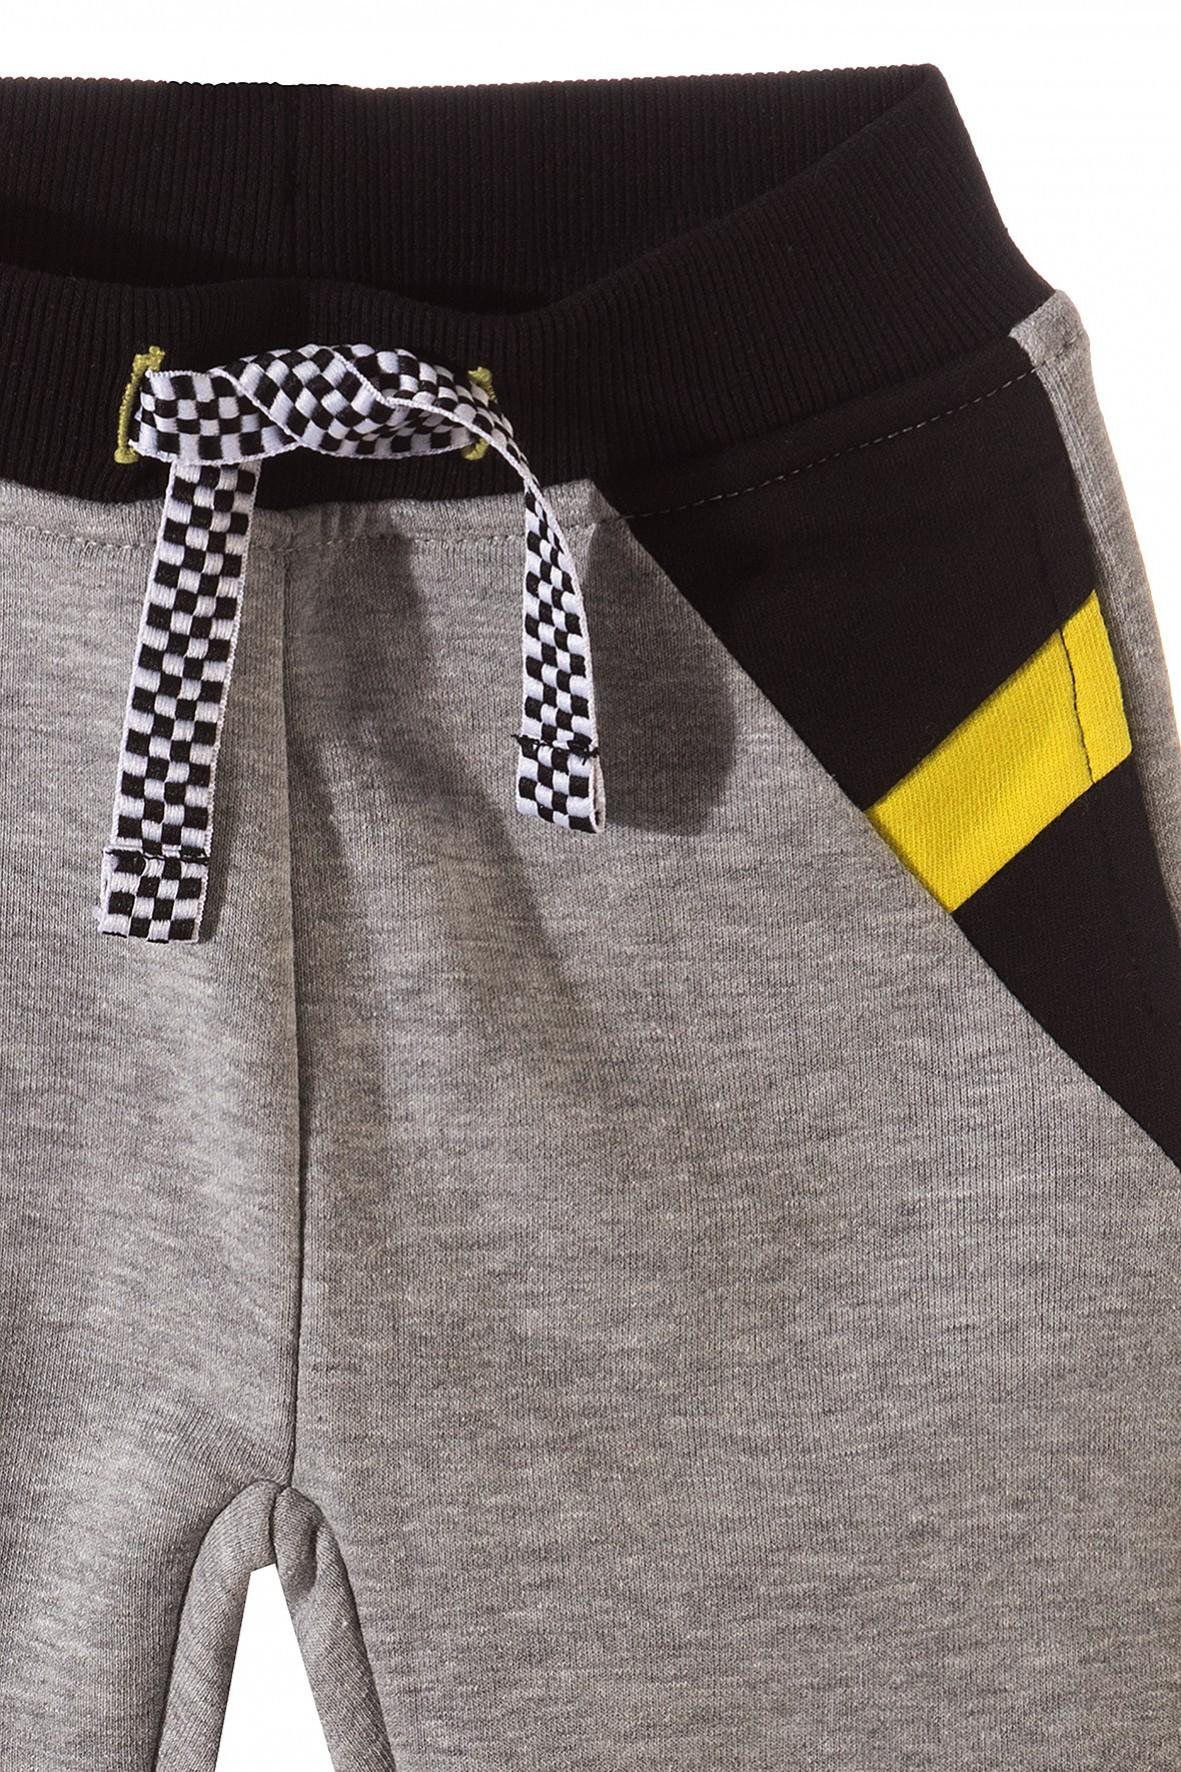 ded3b14066e7c Szare, dresowe spodnie dla chłopca z zółtymi i czarnym modnymi ...